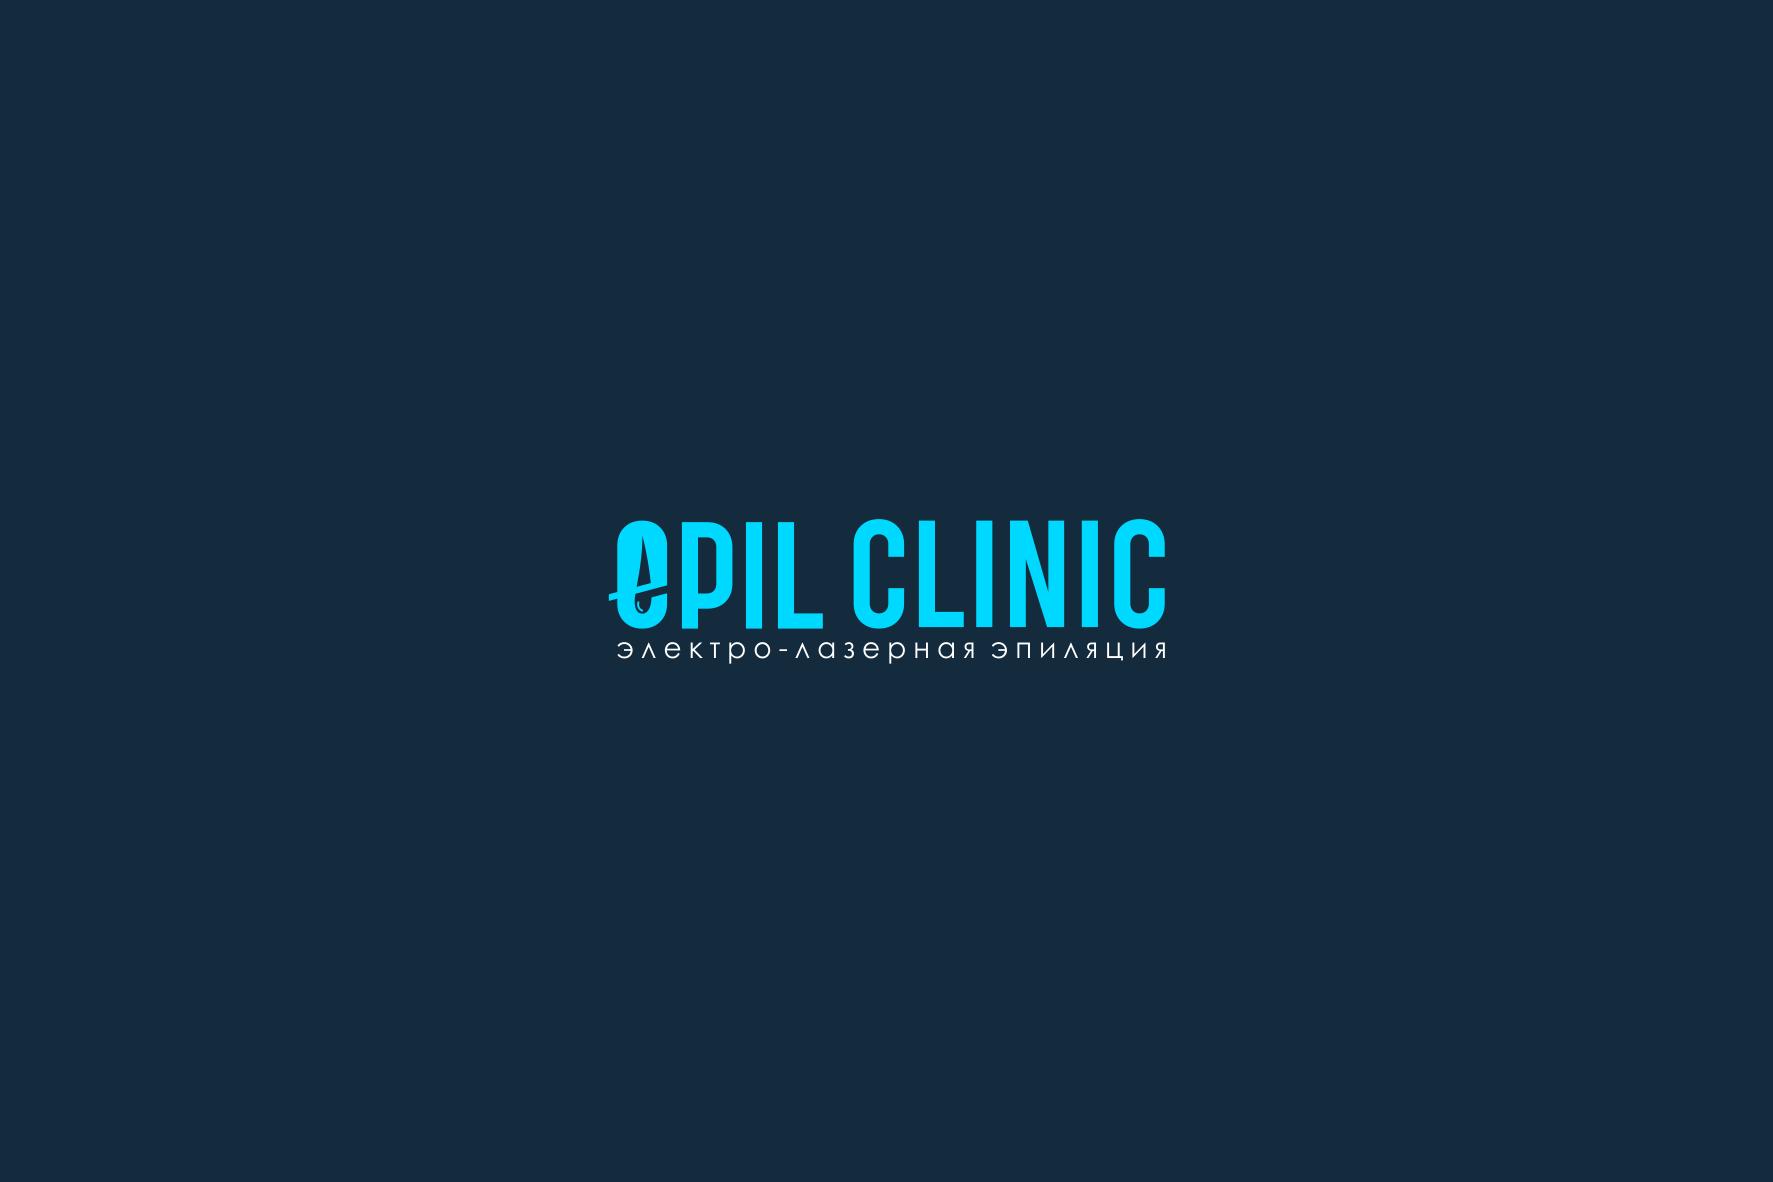 Логотип , фирменный стиль  фото f_7395e1be89b14dee.png